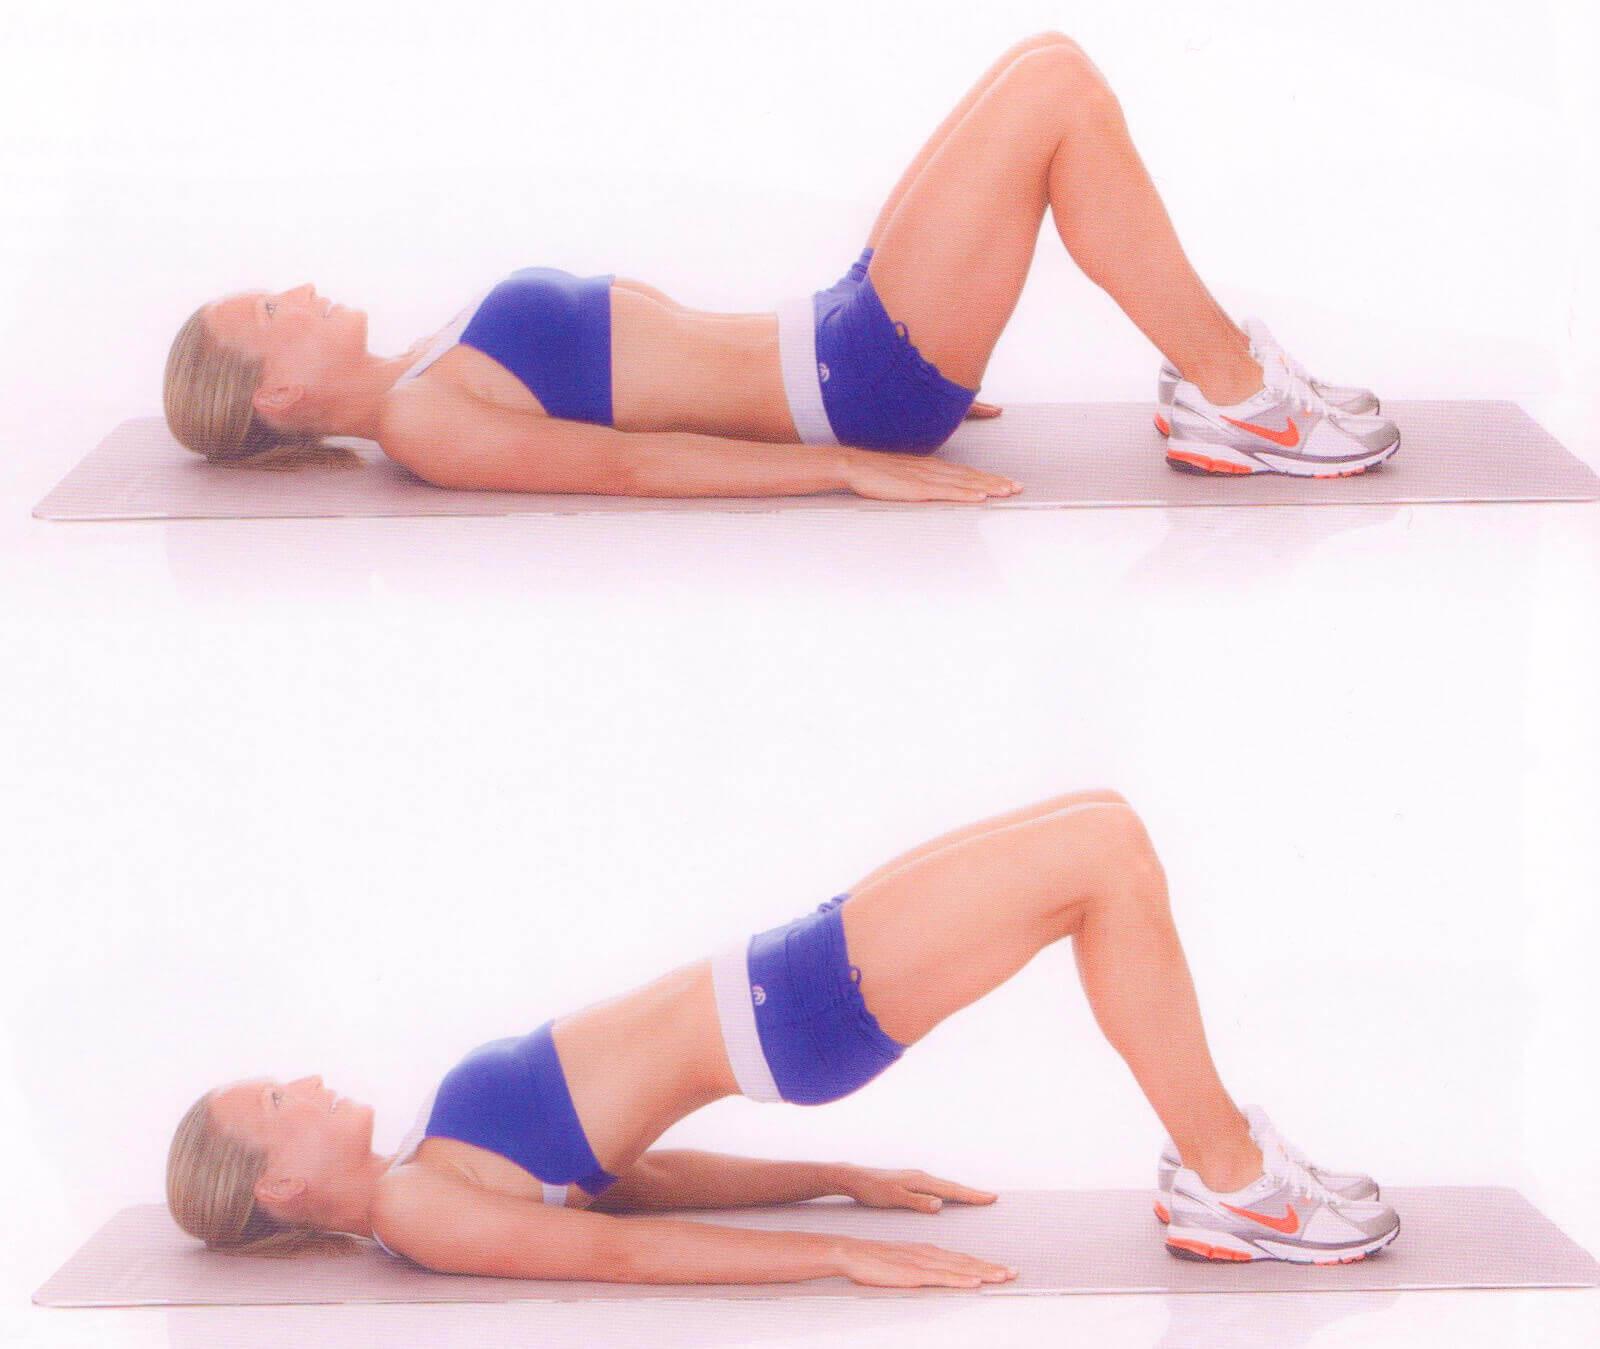 Ejercicios-para-fortalecer-las-piernas-2